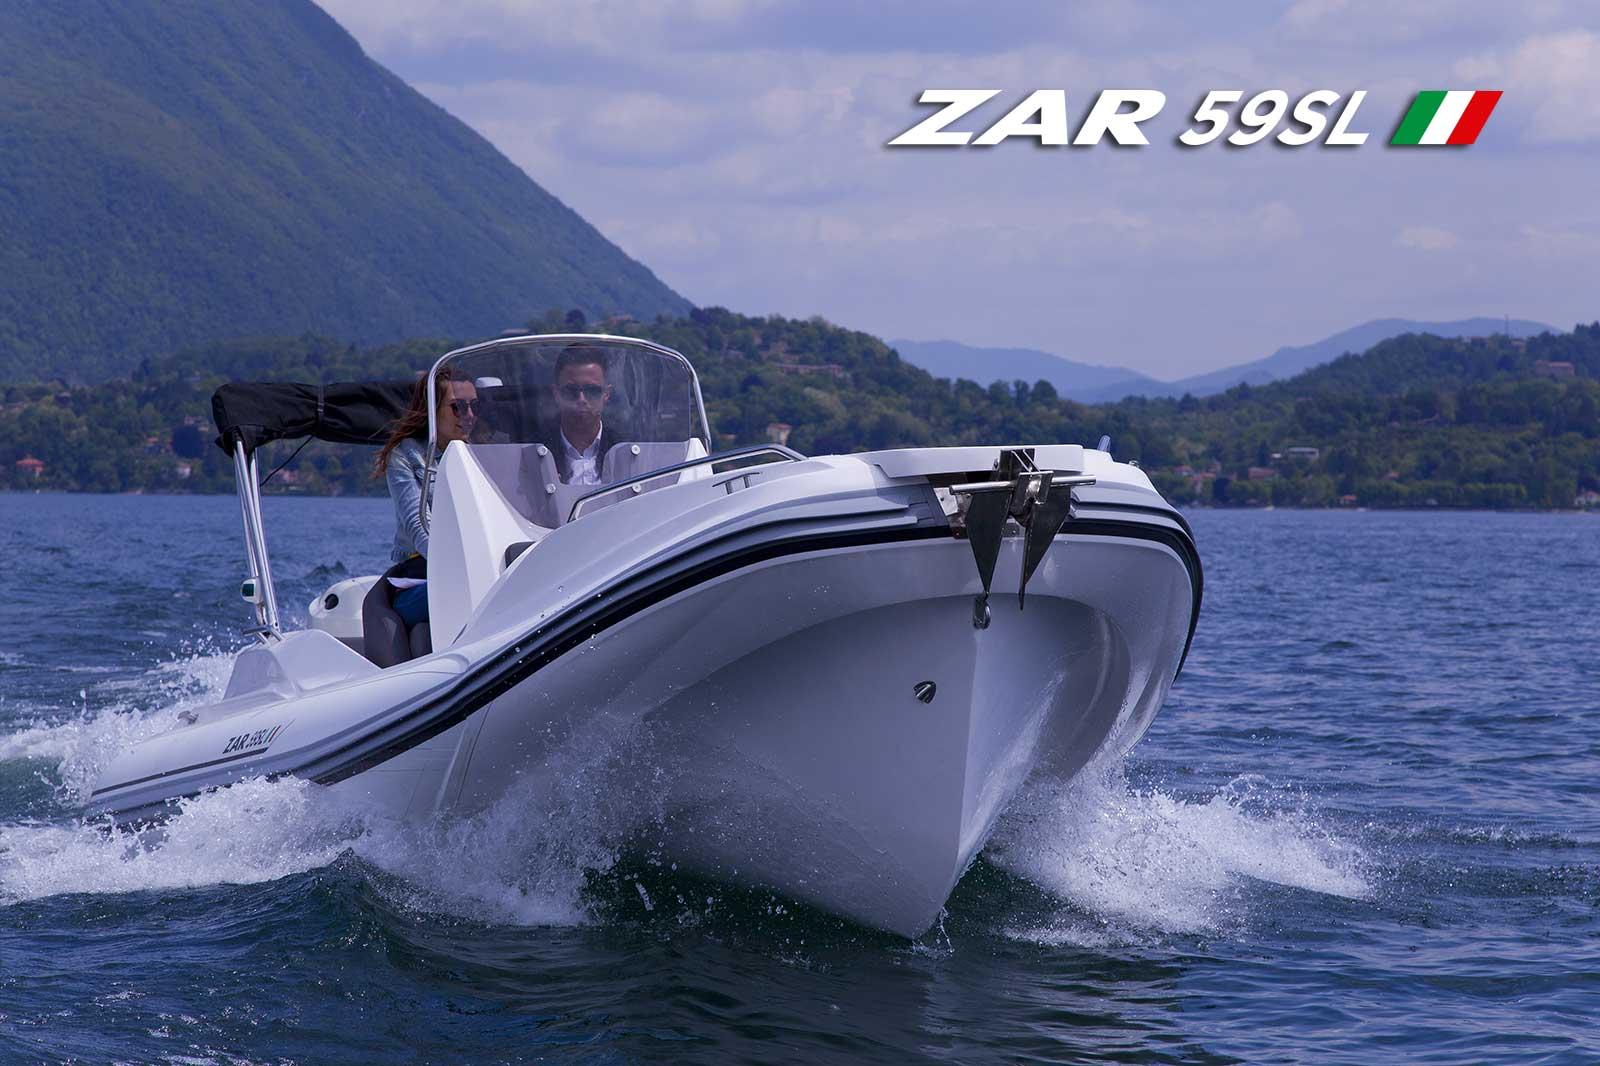 Zar59 9